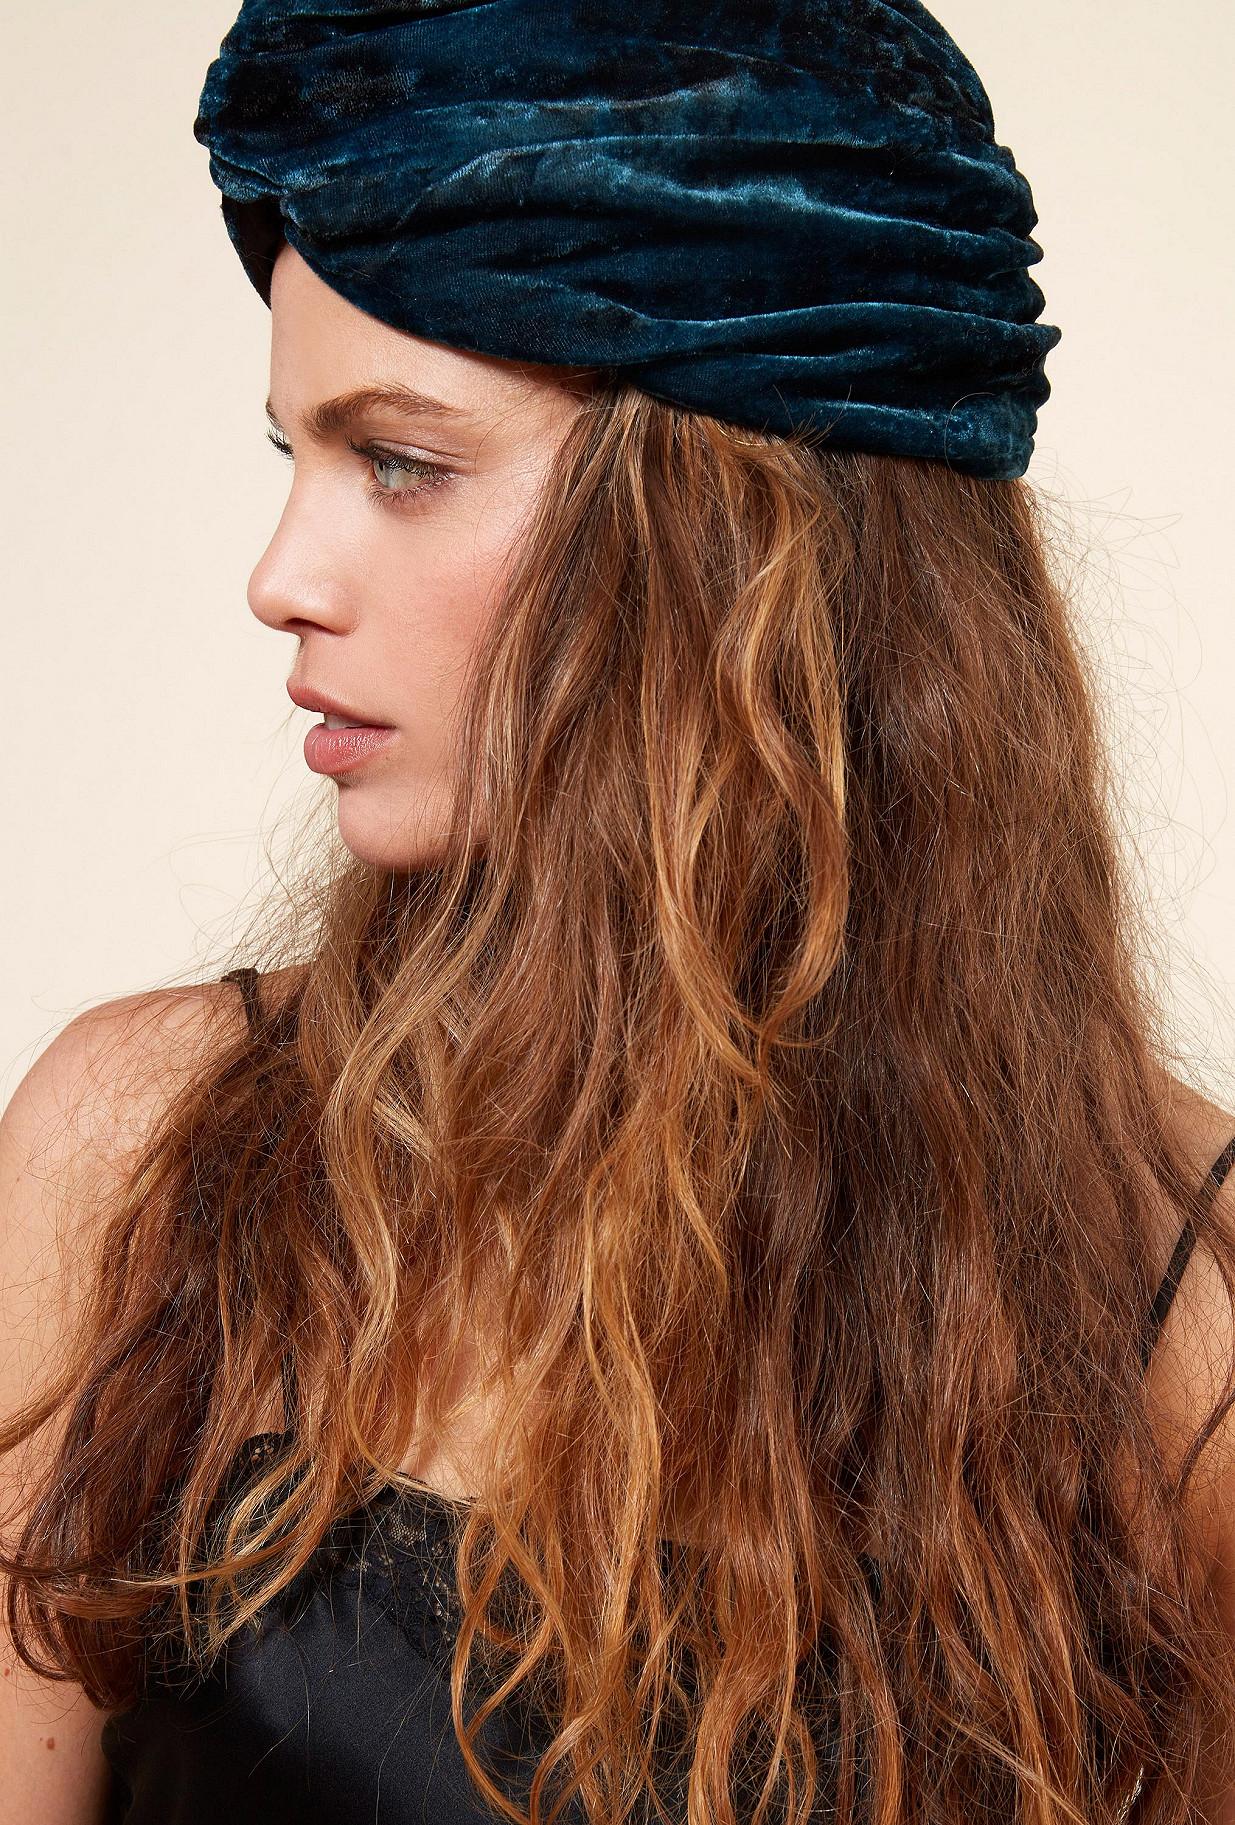 Paris boutique de mode vêtement Turban créateur bohème  Suez